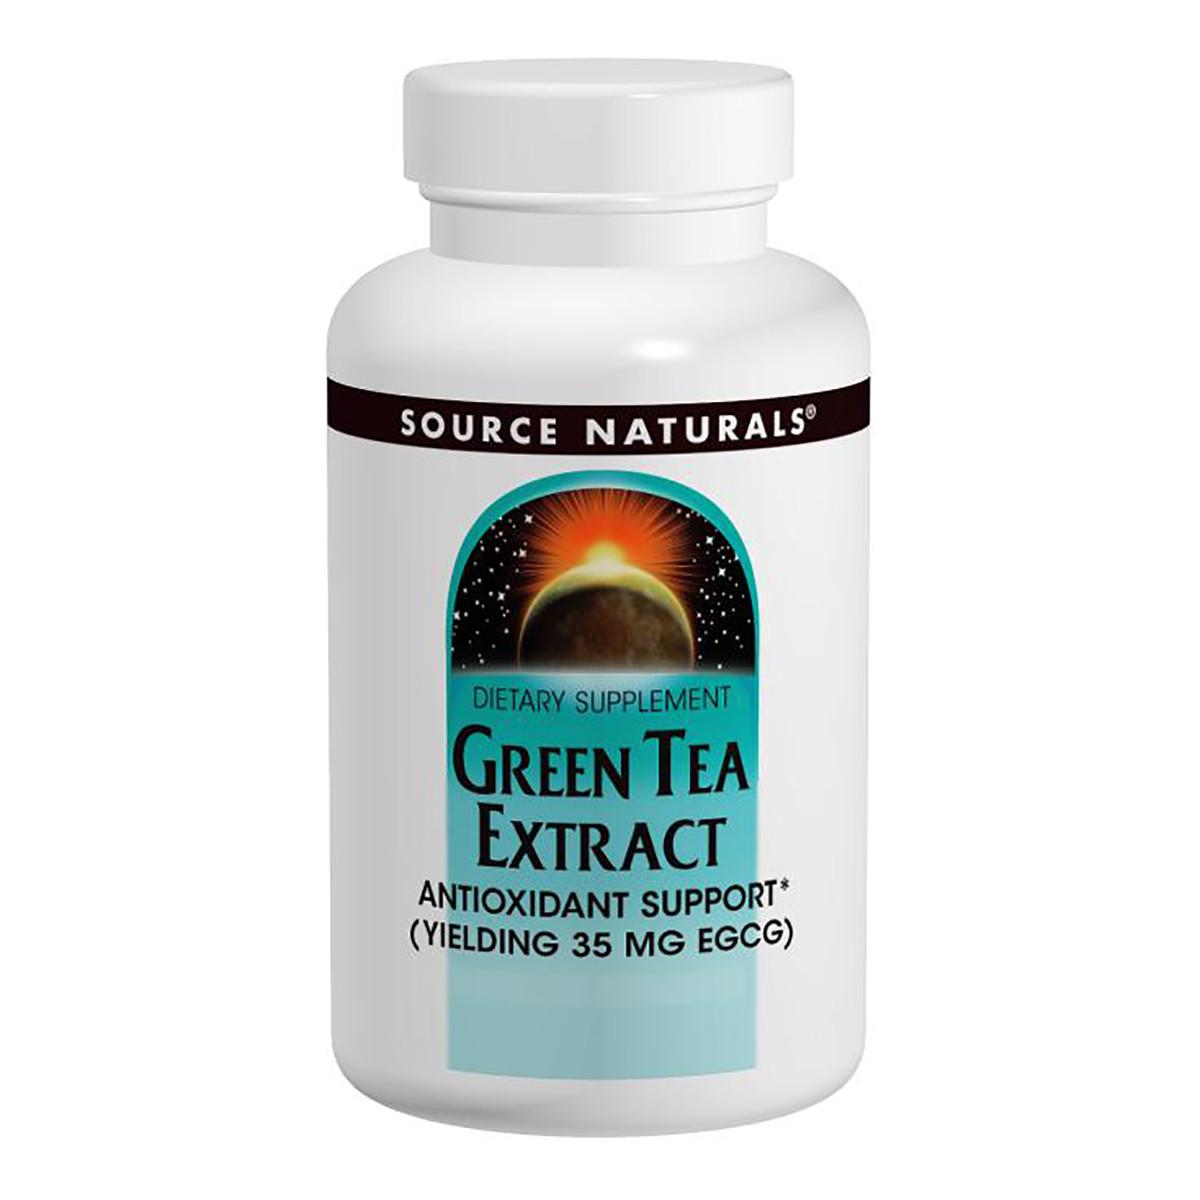 Экстаракт Листьев Зеленого Чая 500мг, Source Naturals, 120 таблеток